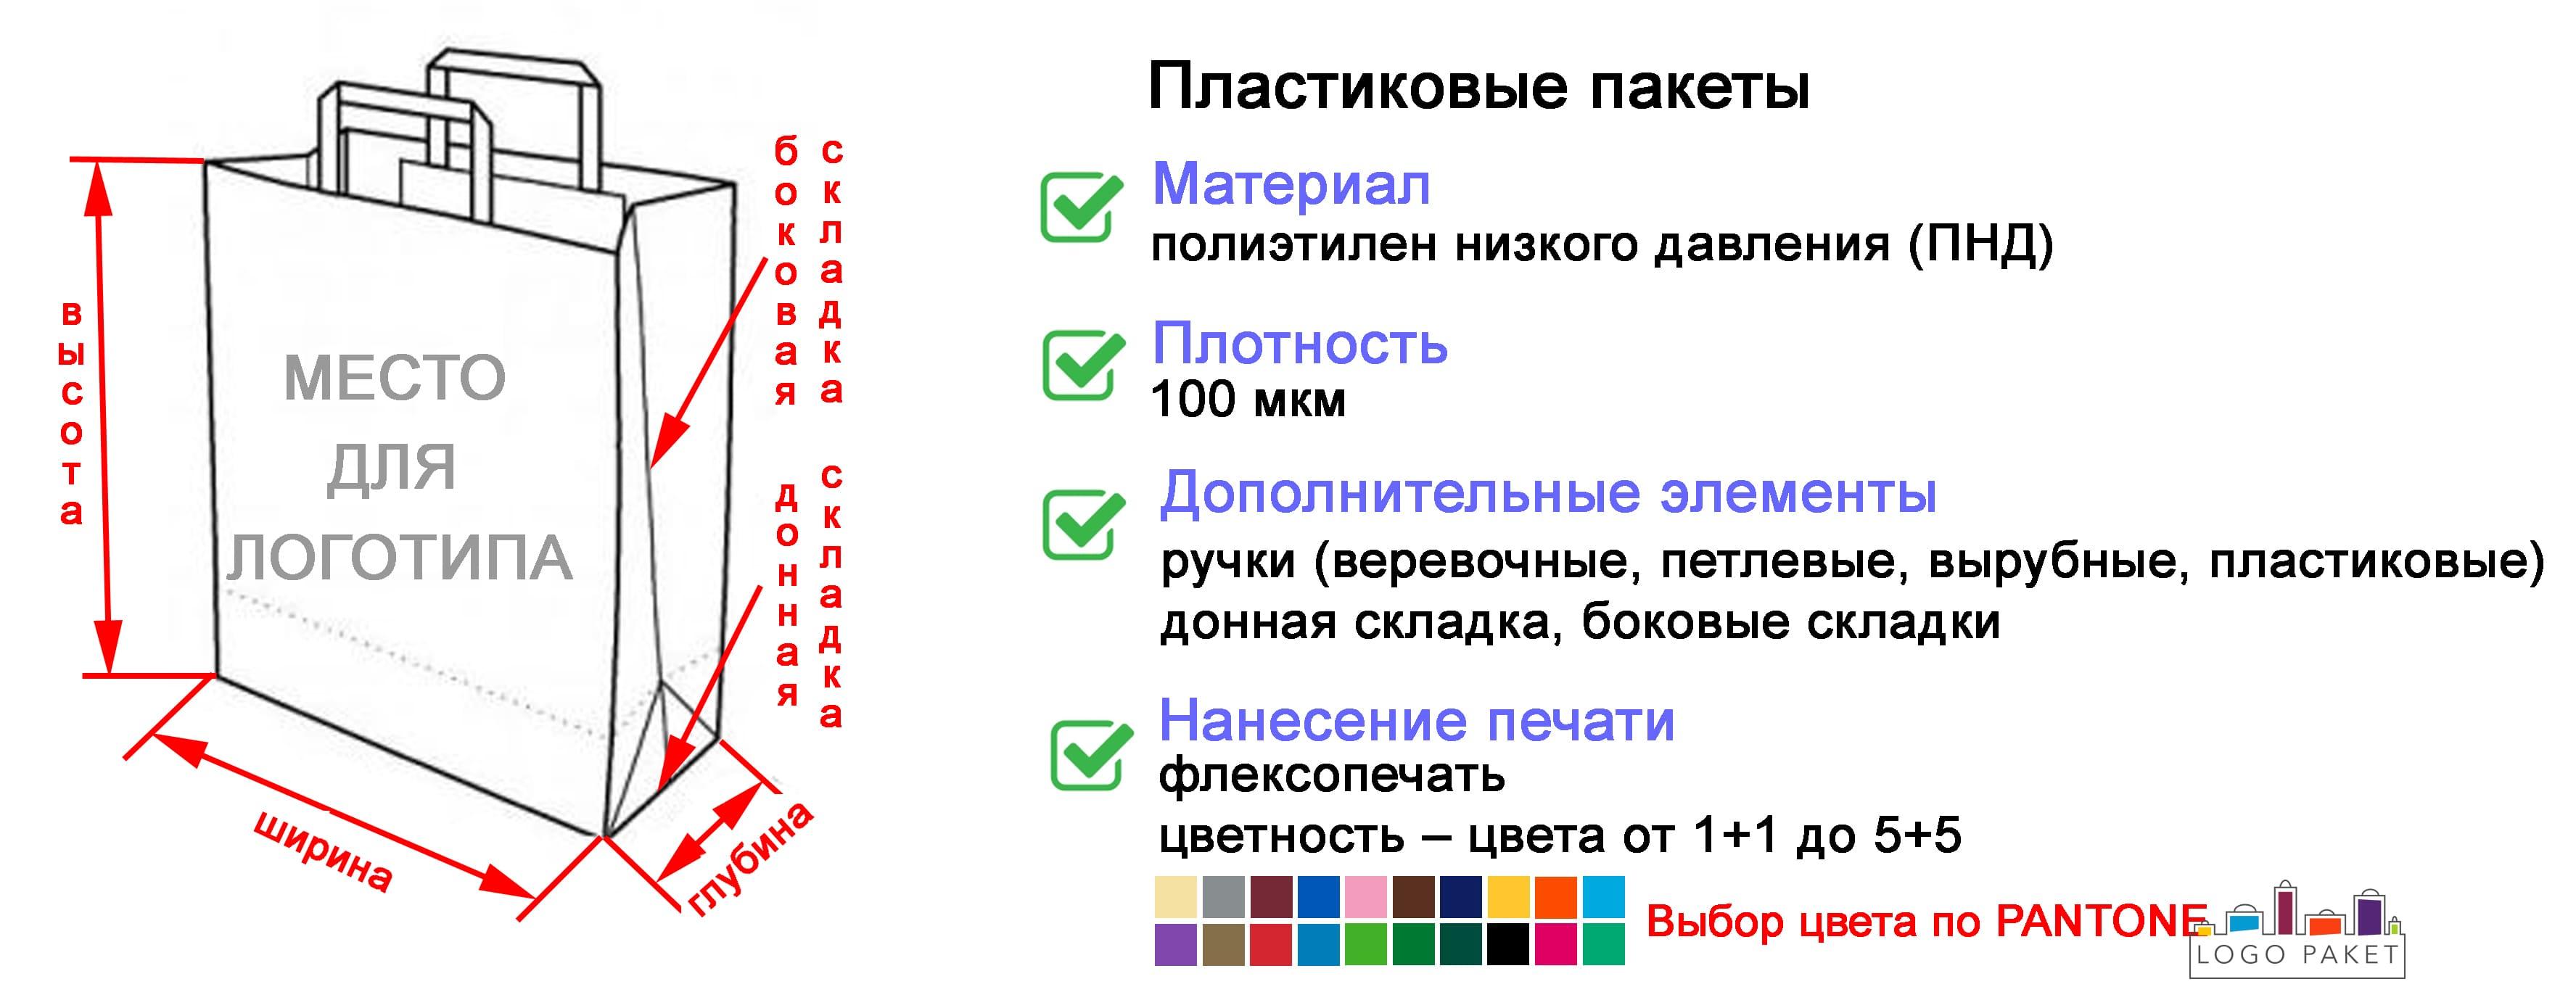 Пластиковые пакеты ПНД инфографика